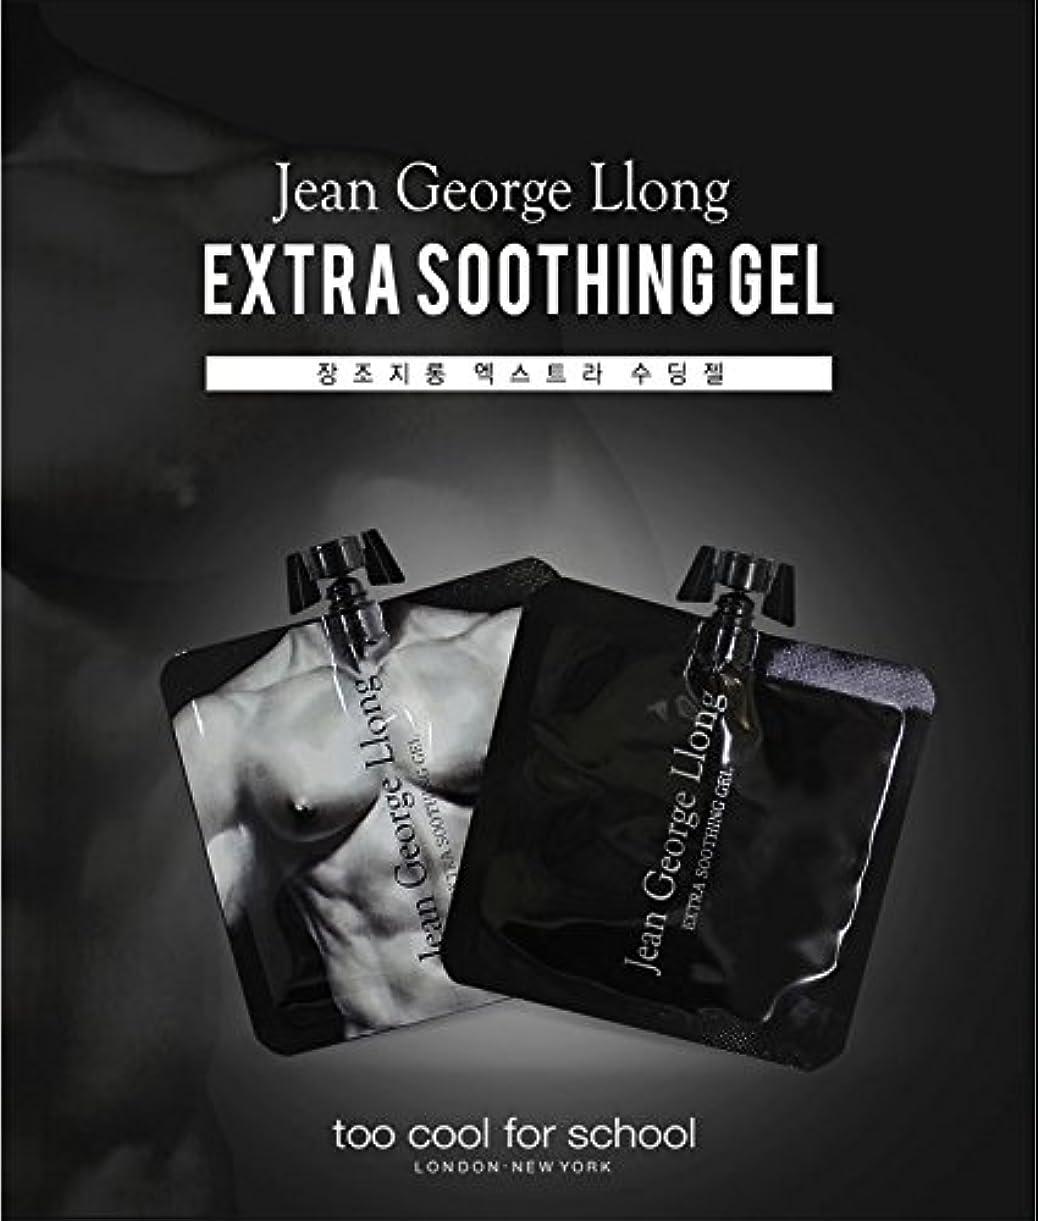 精査する背骨アナウンサーtoo cool for school Jean George Llong EXTRA SOOTHING GEL 20ml x 3